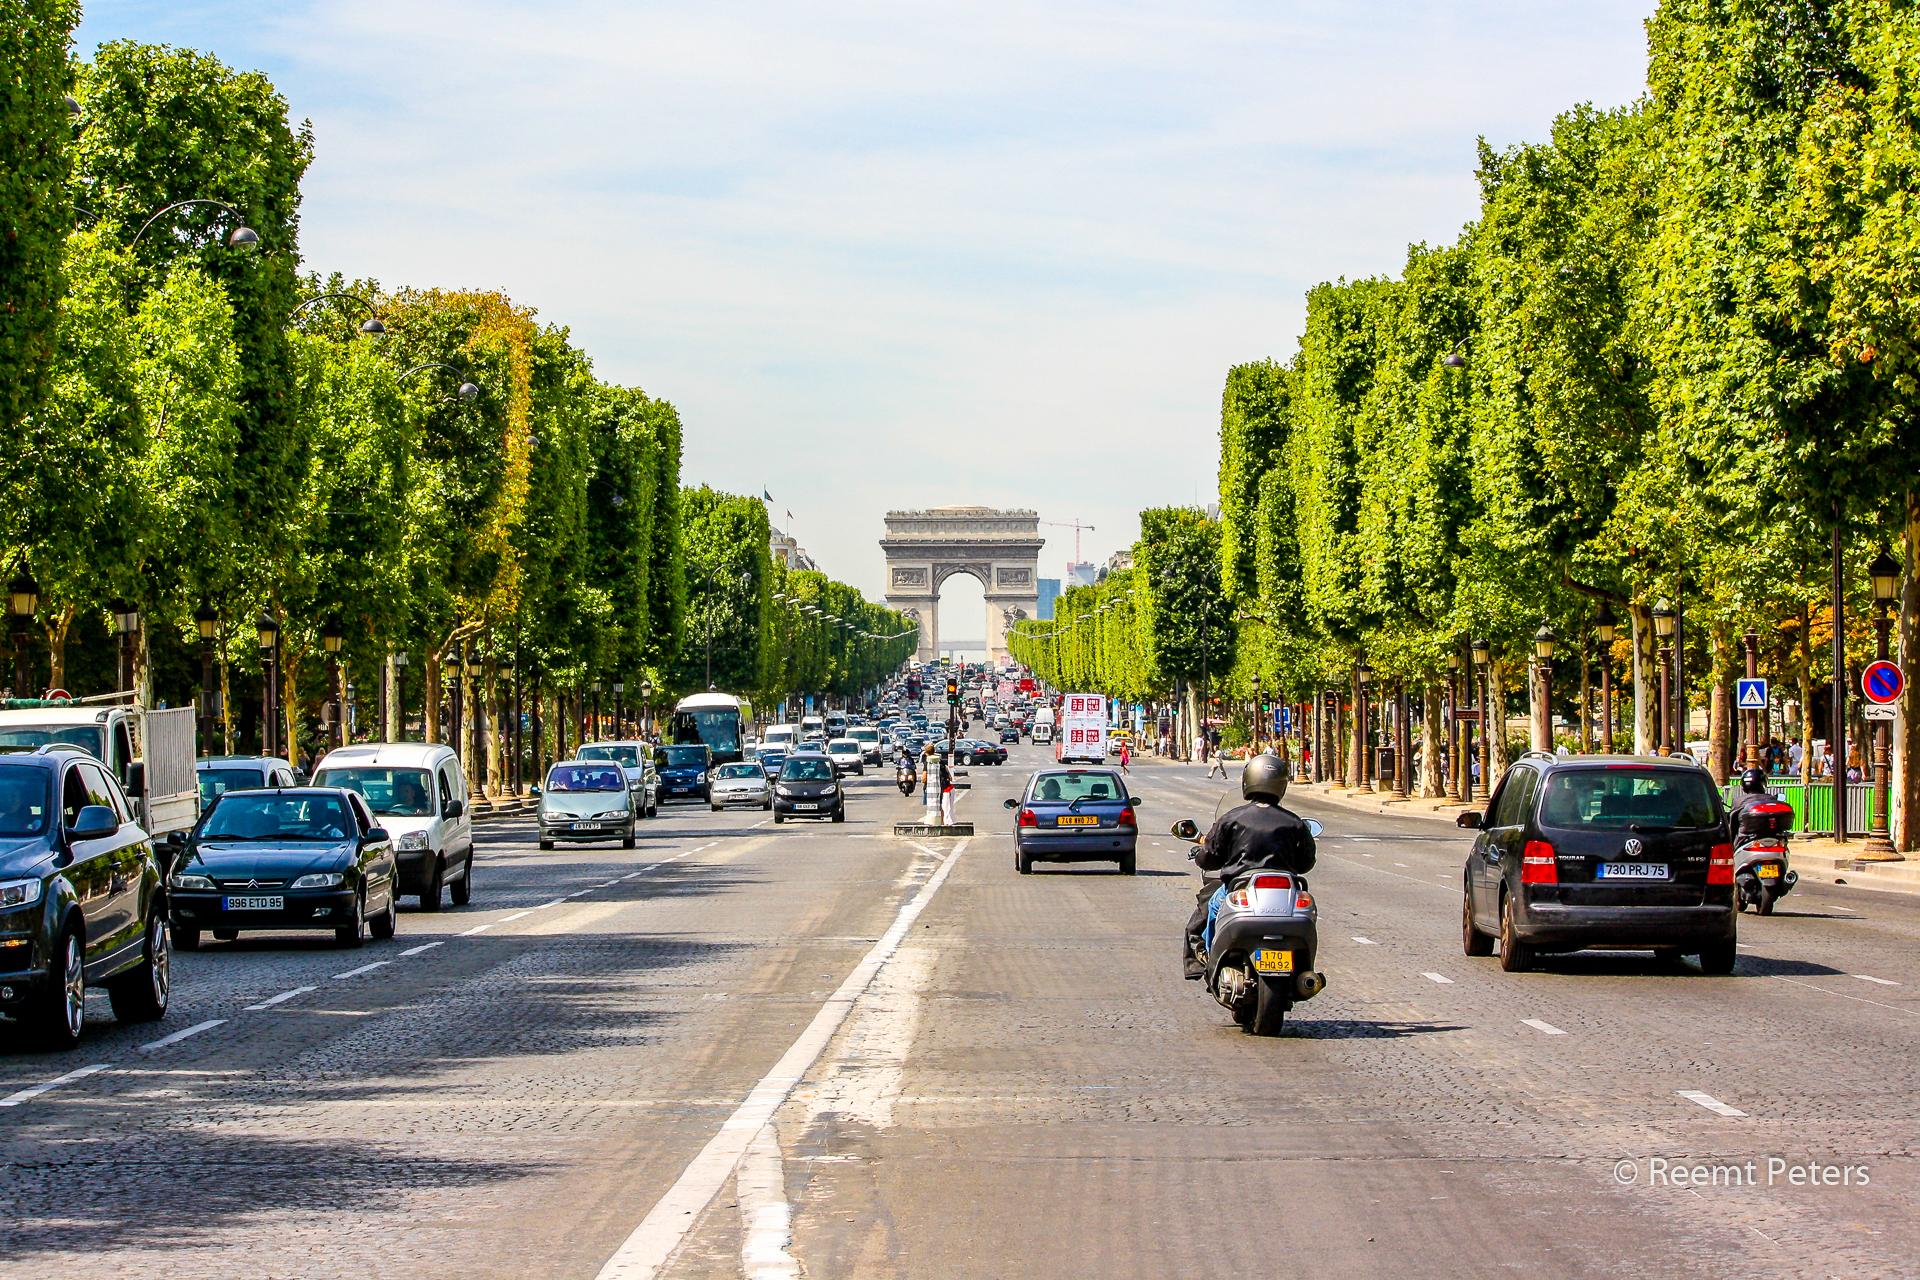 Av. des Champs-Élysées, France